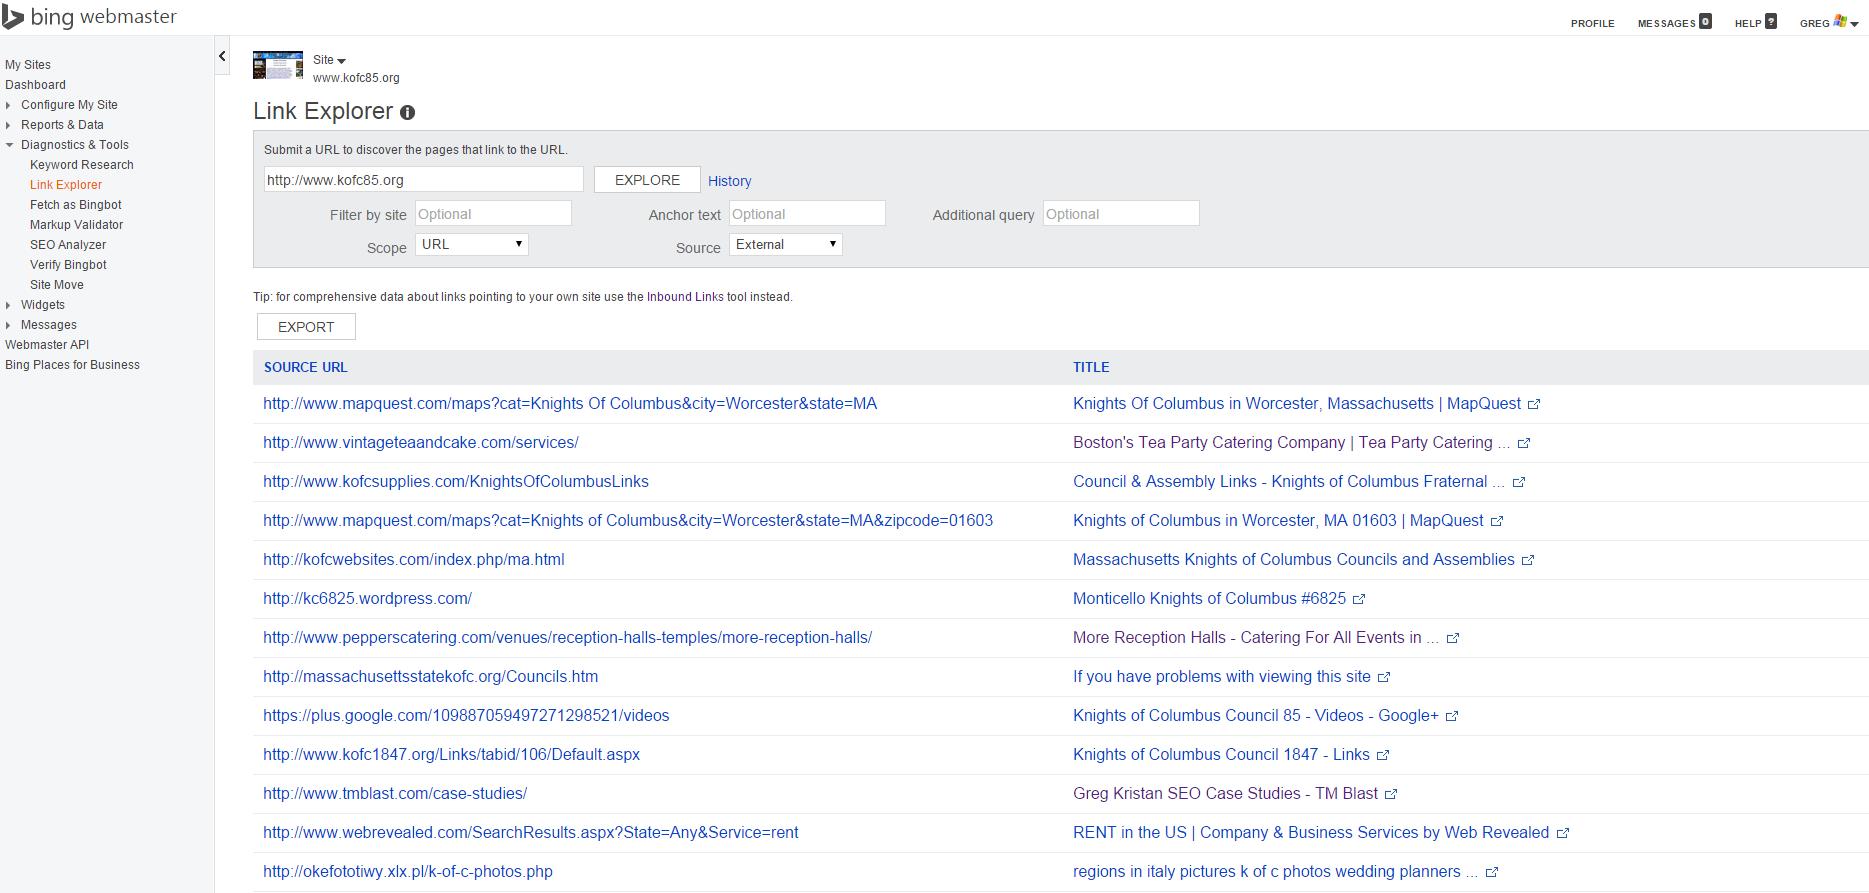 Link Explorer in Bing